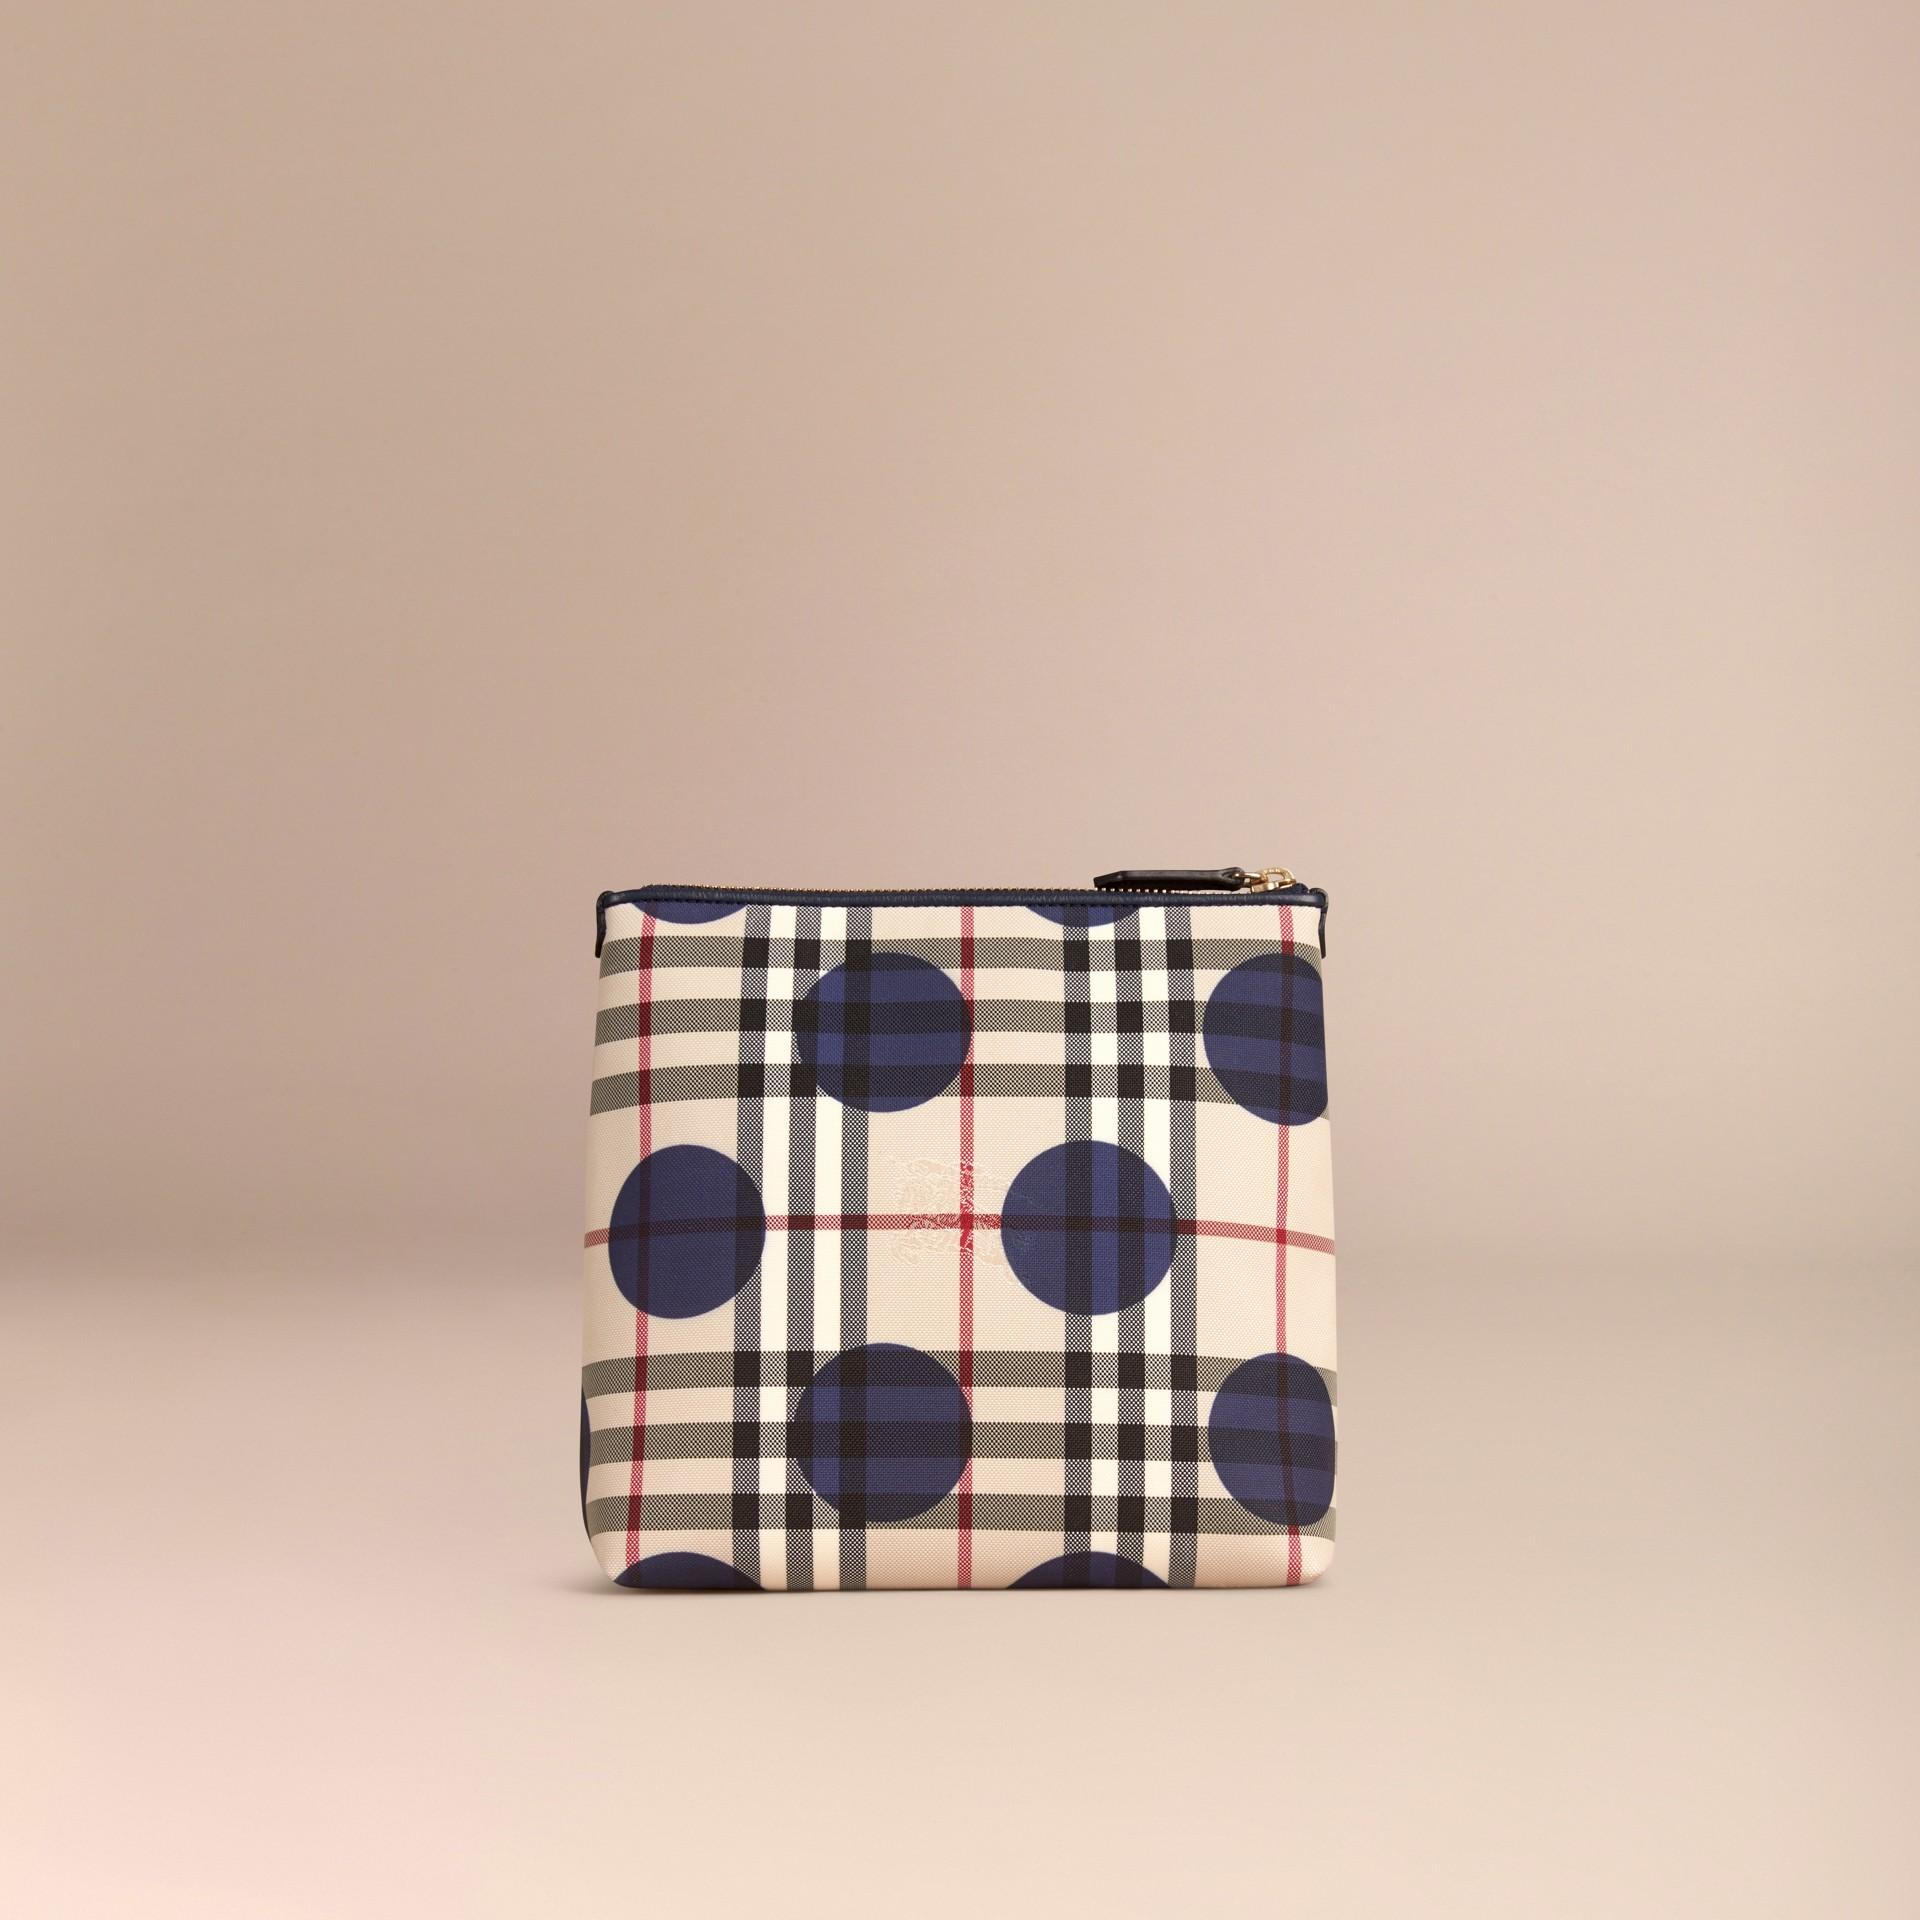 Azul carbono Bolsa grande com acabamento de couro e estampa xadrez com poás Azul Carbono - galeria de imagens 4